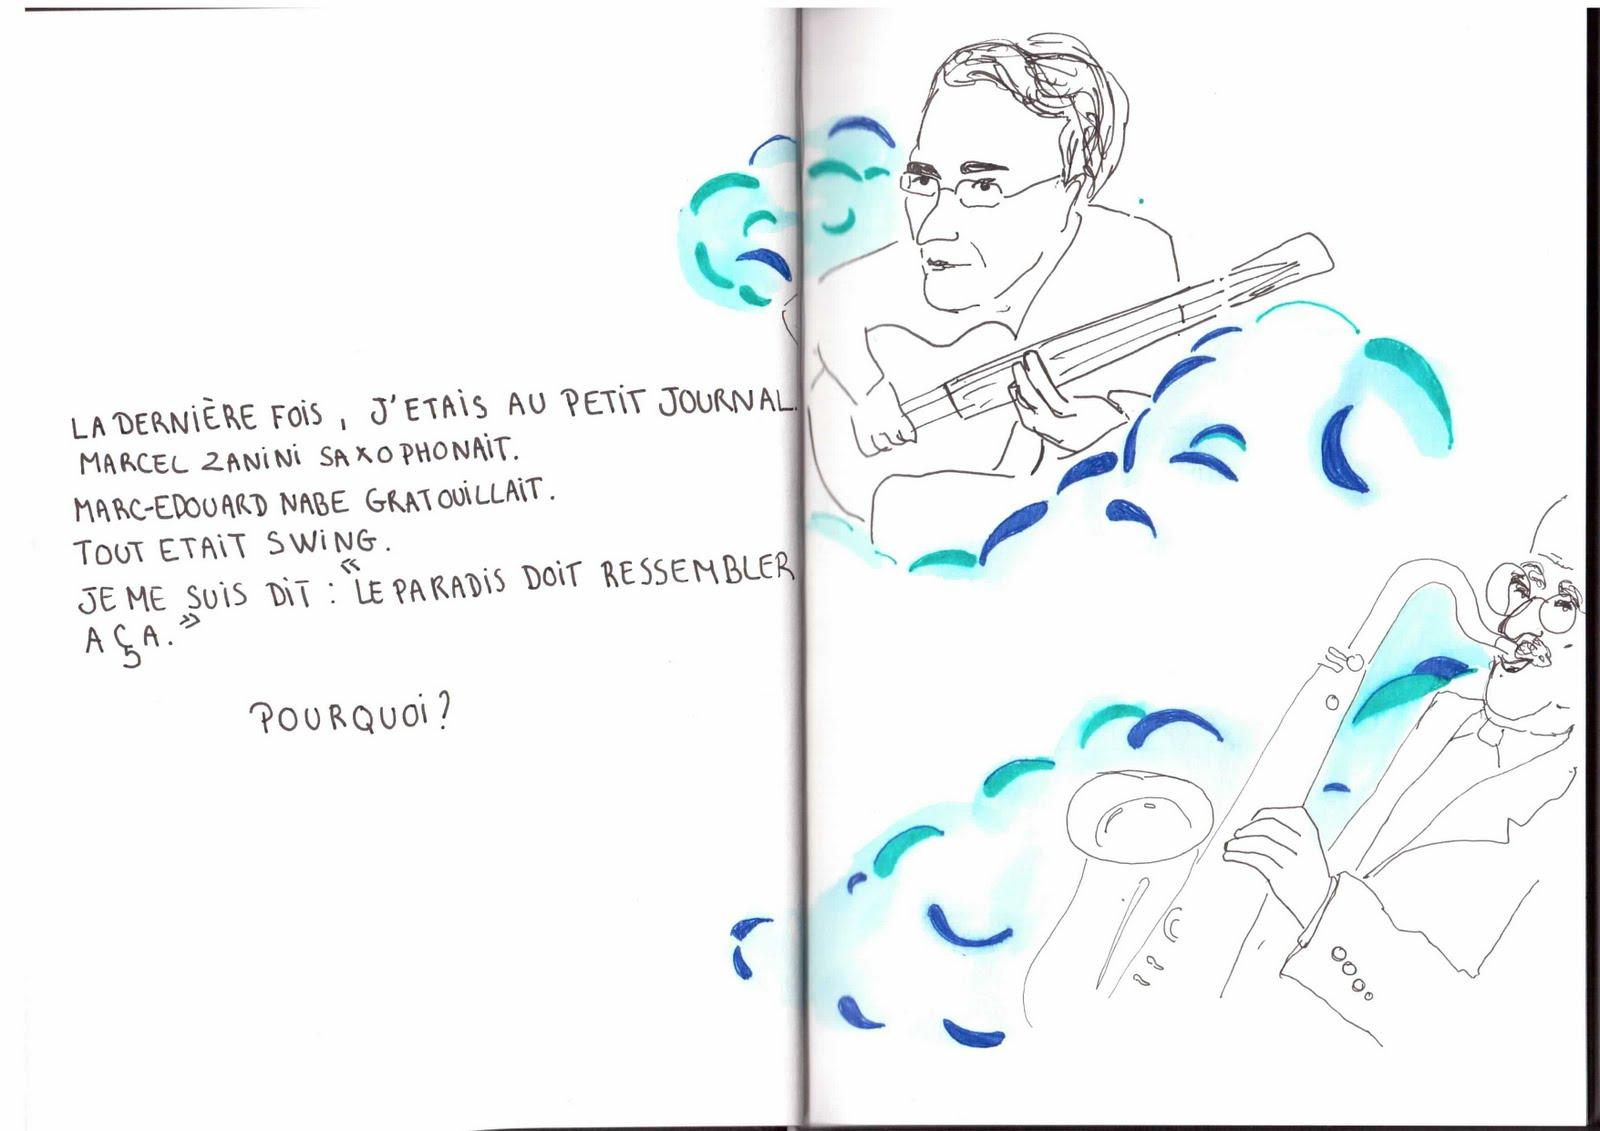 """dessin de Marthe P. - La dernière fois, j'étais au Petit Journal. Marcel Zanini saxophonait. Marc-Edouard Nabe gratouillait. Tout était swing. Je me suis dit : """"Le paradis doit ressembler à ça"""". Pourquoi ?"""